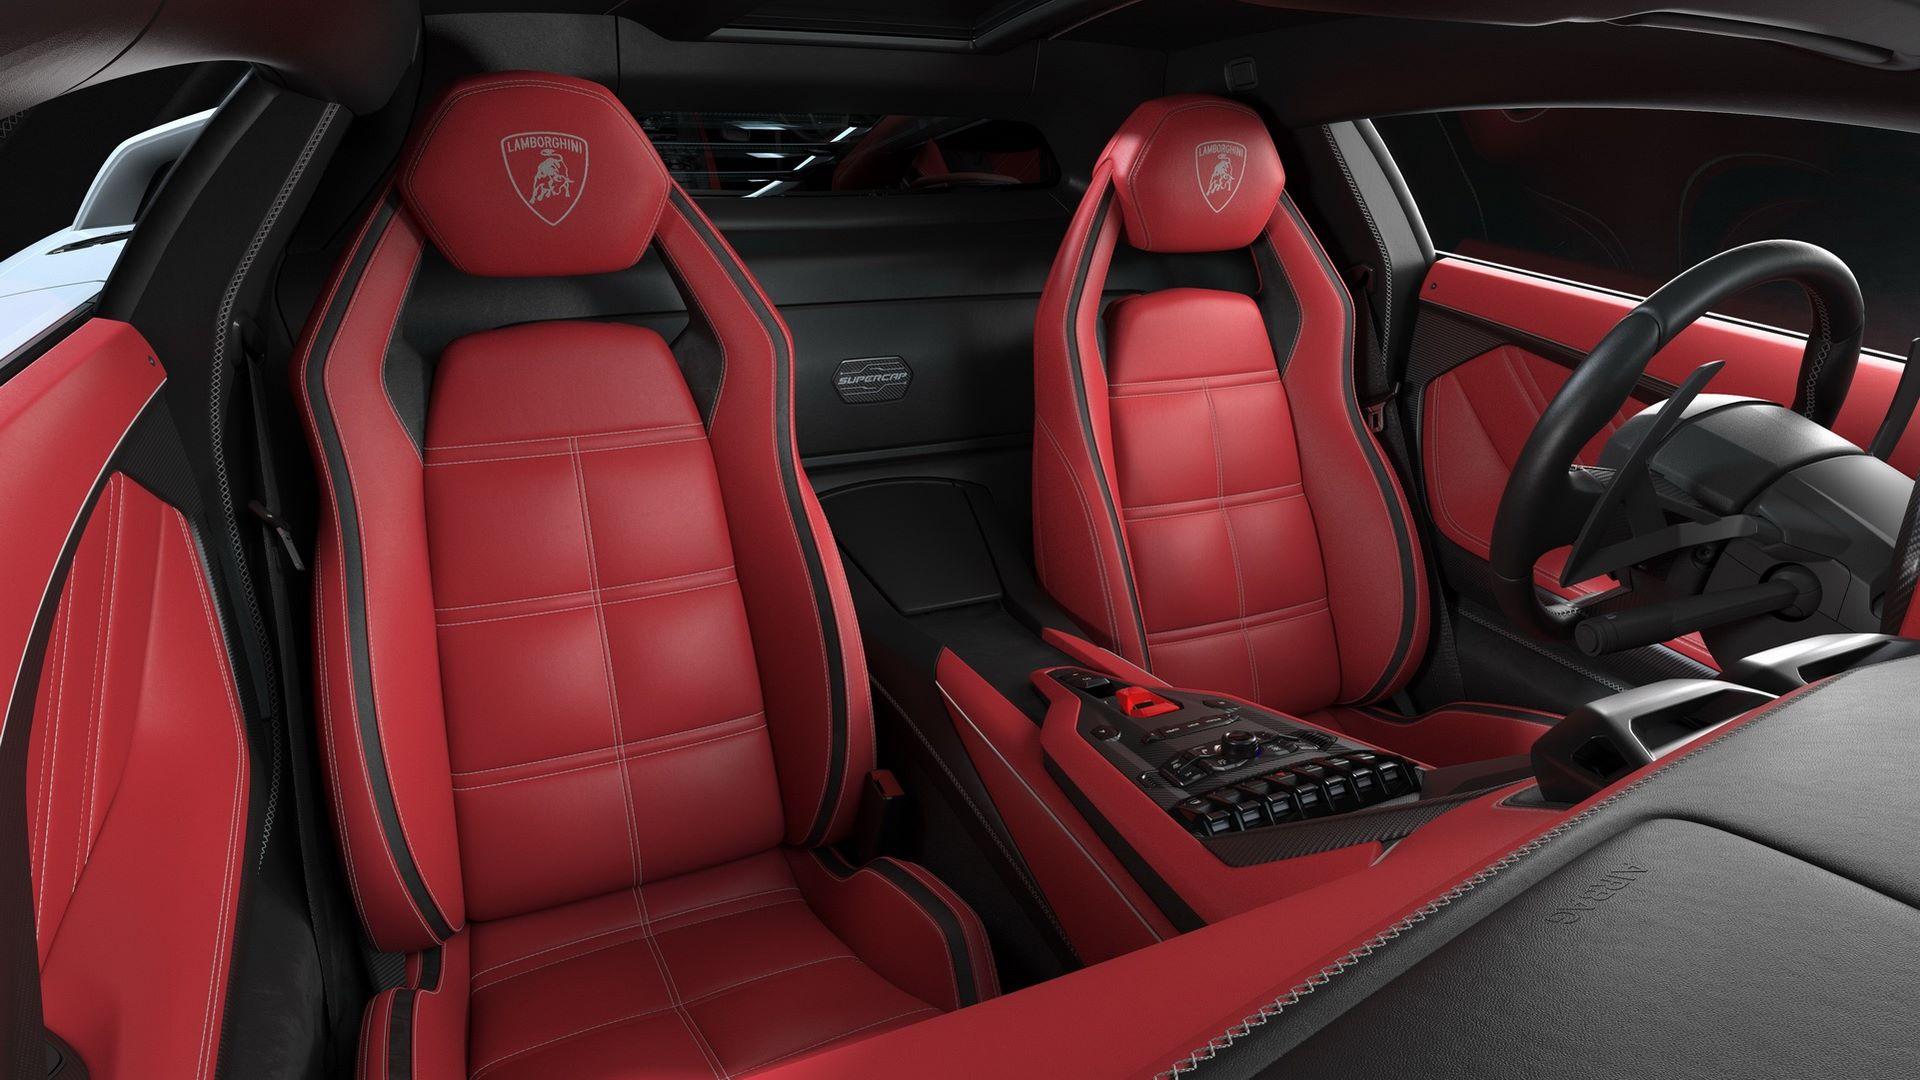 Lamborghini-Countach-LPI-800-4-99